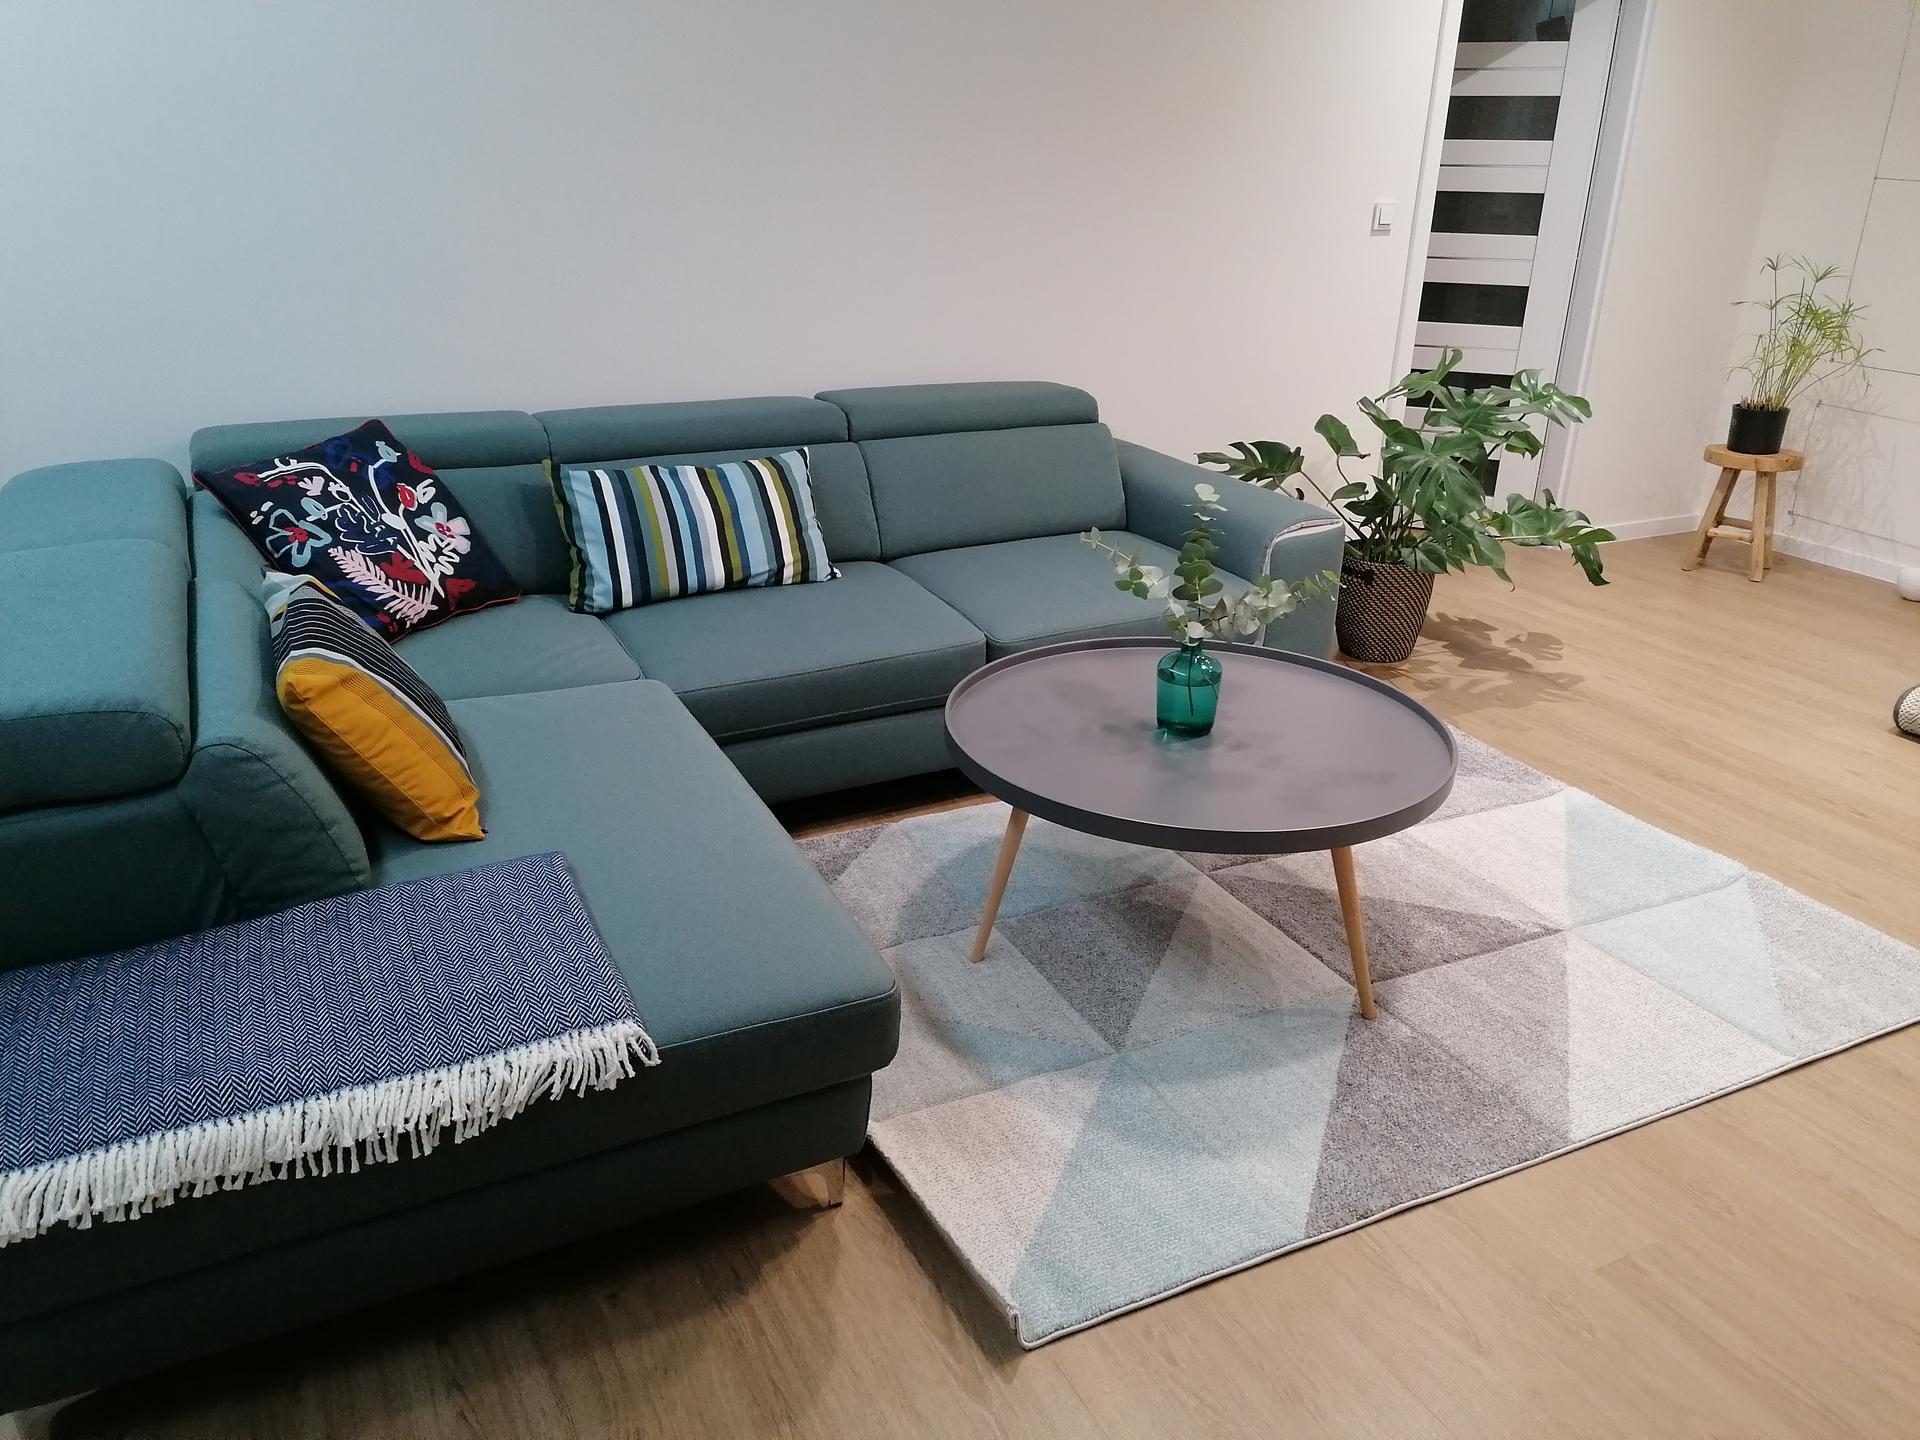 Co myslíte, hodí se nový koberec, nebo mám nechat původní?(šedý) - Obrázek č. 2